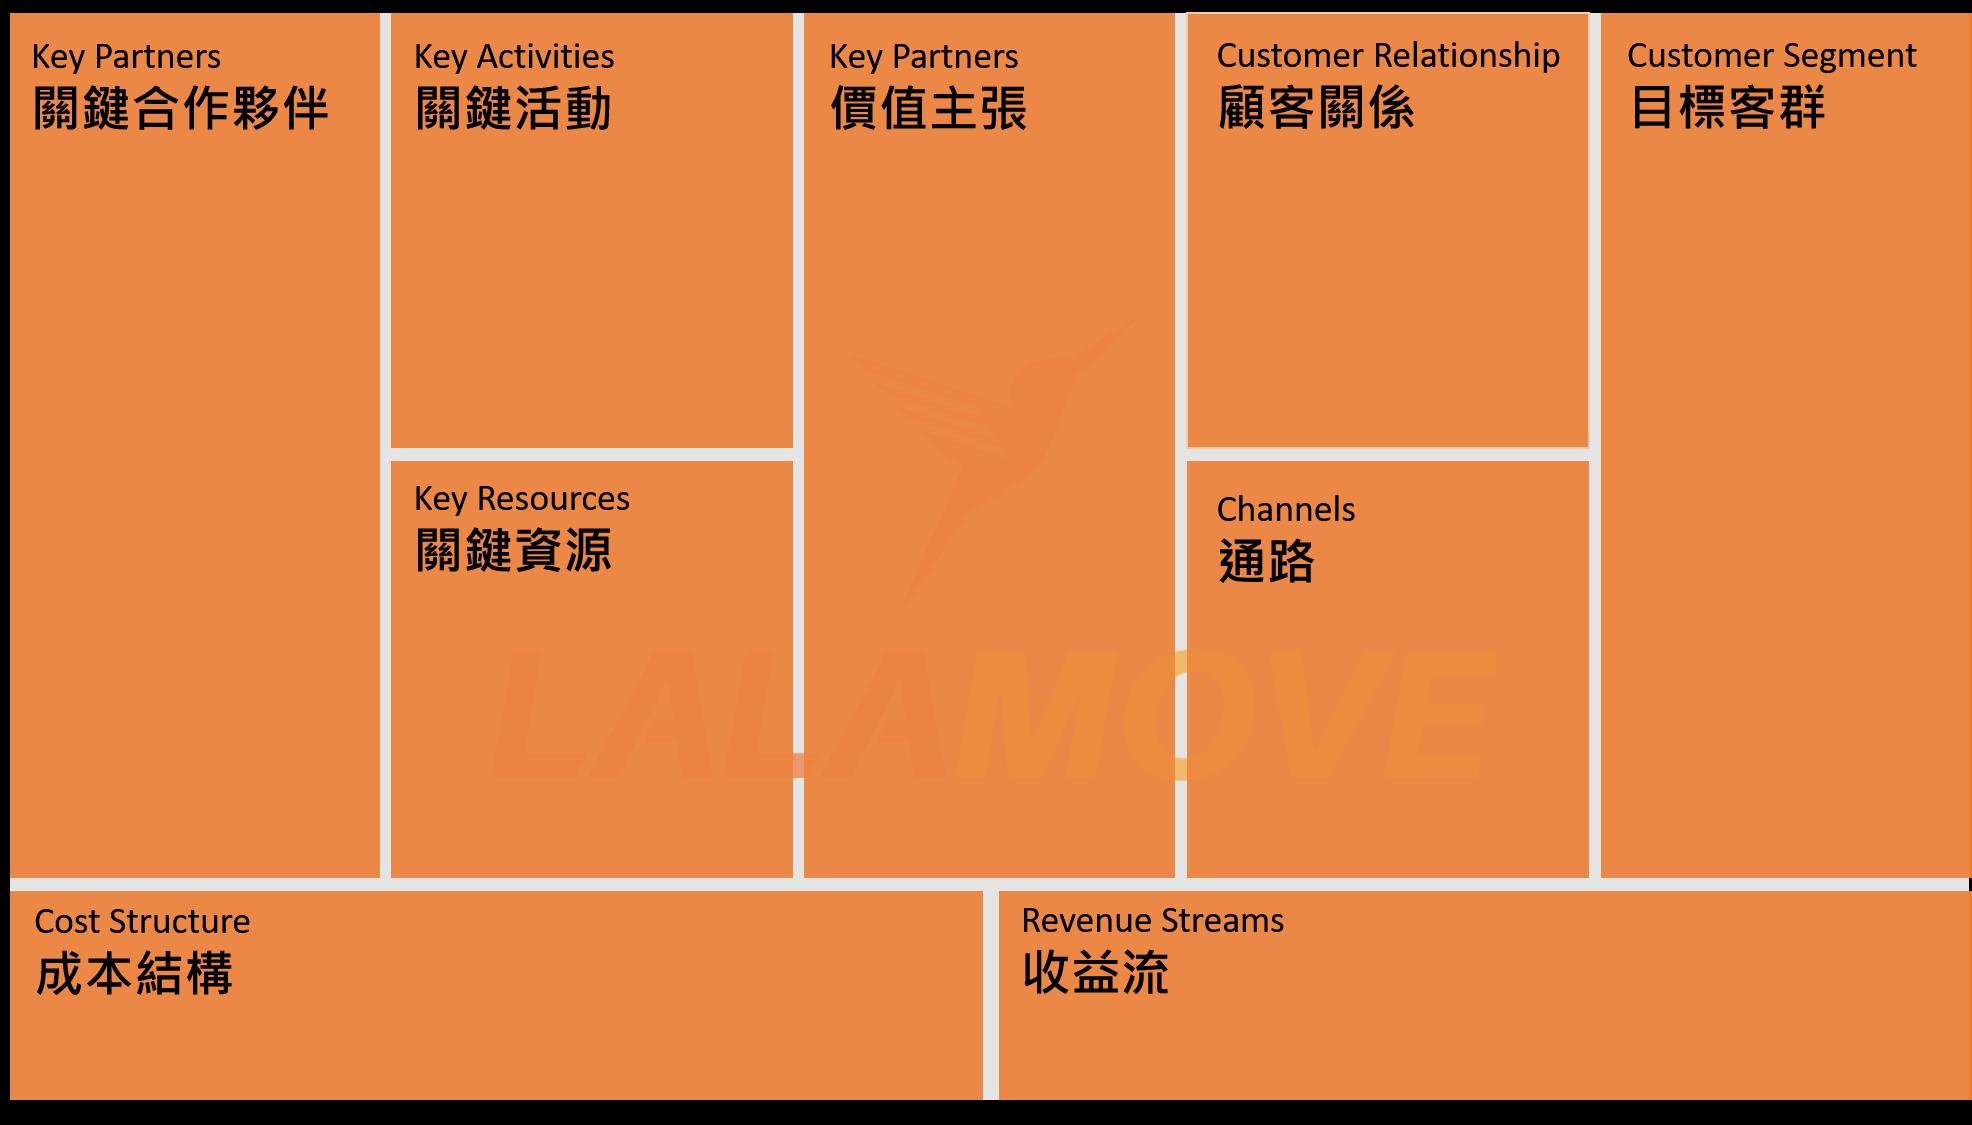 商業模式圖1